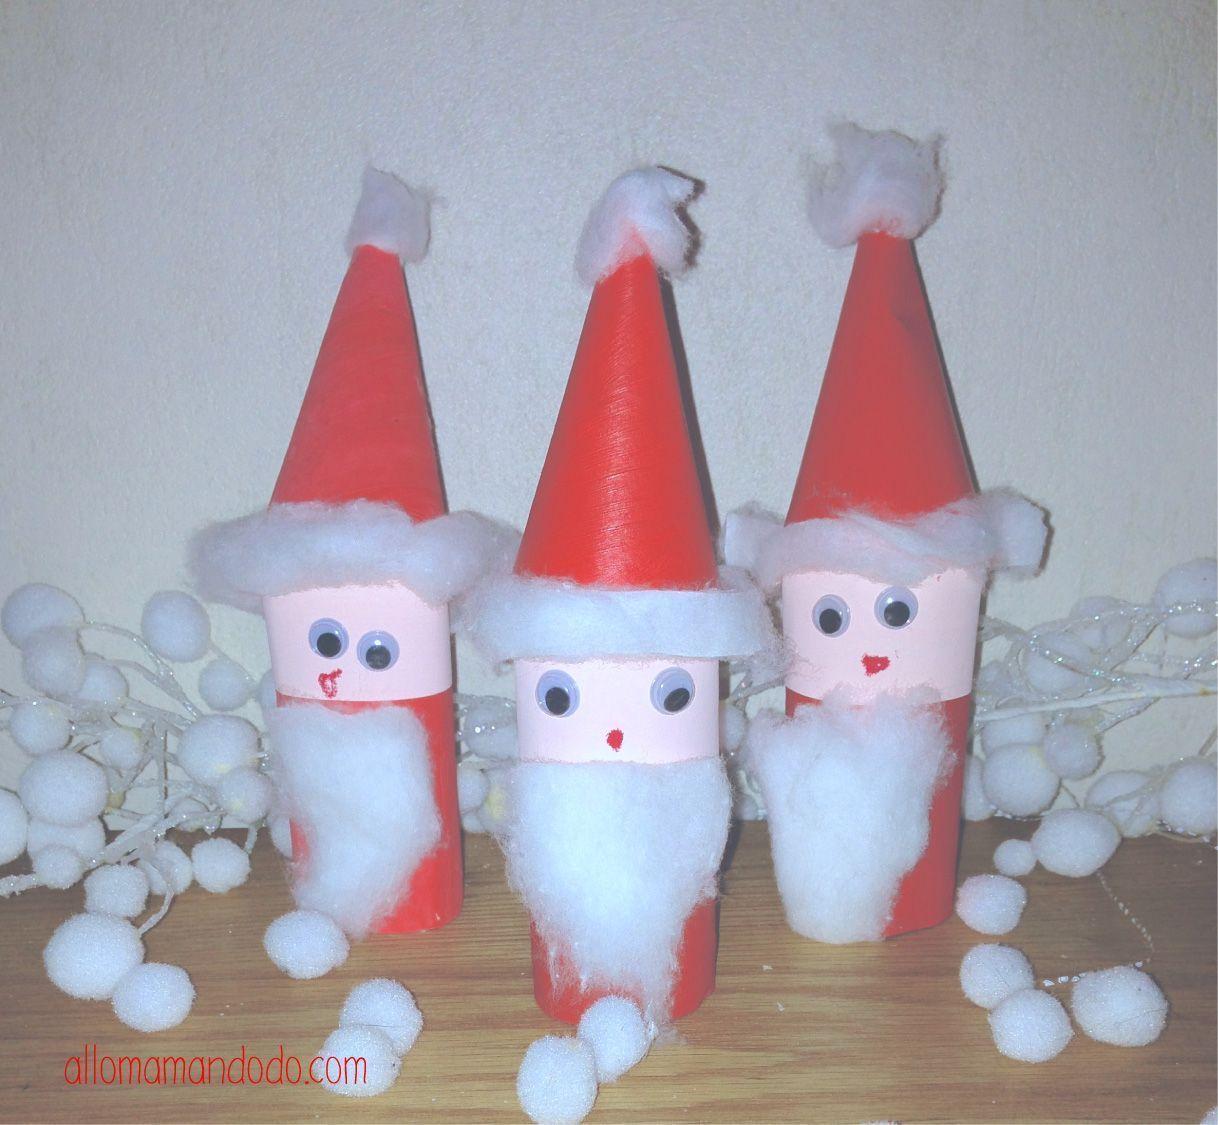 DIY Père Noël, super activité pour les enfants! (rouleau de papier toilette #decorationnoelfaitmainenfant DIY Père Noël, super activité pour les enfants! (rouleau de papier toilette) - Allo Maman Dodo #cadeaunoelfaitmainenfant DIY Père Noël, super activité pour les enfants! (rouleau de papier toilette #decorationnoelfaitmainenfant DIY Père Noël, super activité pour les enfants! (rouleau de papier toilette) - Allo Maman Dodo #rouleaupapiertoilettenoel DIY Père Noël, super activité #cadeaunoelfaitmainenfant